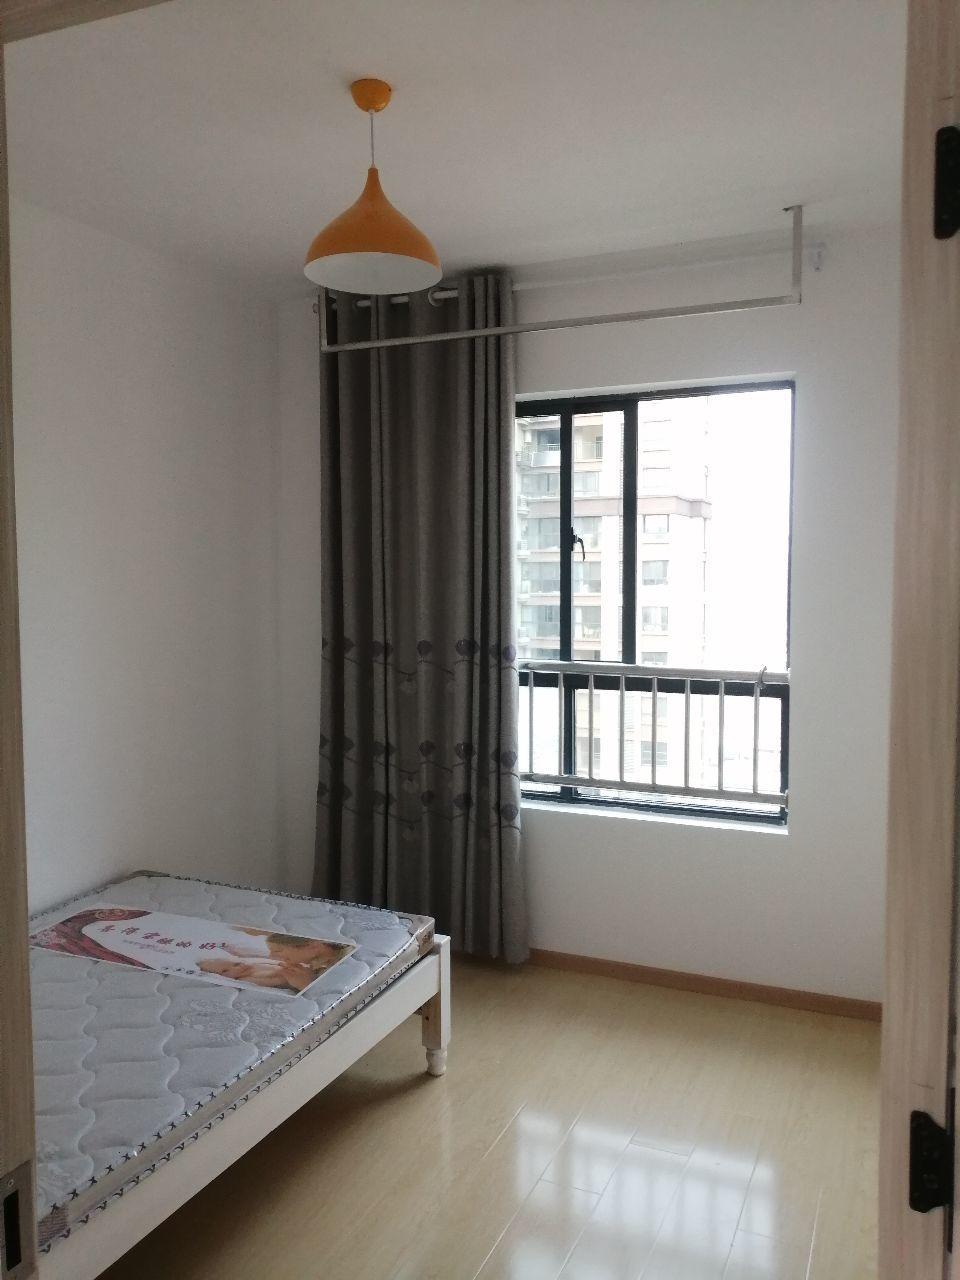 出租北京城建 金城华府1室1厅1卫30平米600元/月住宅